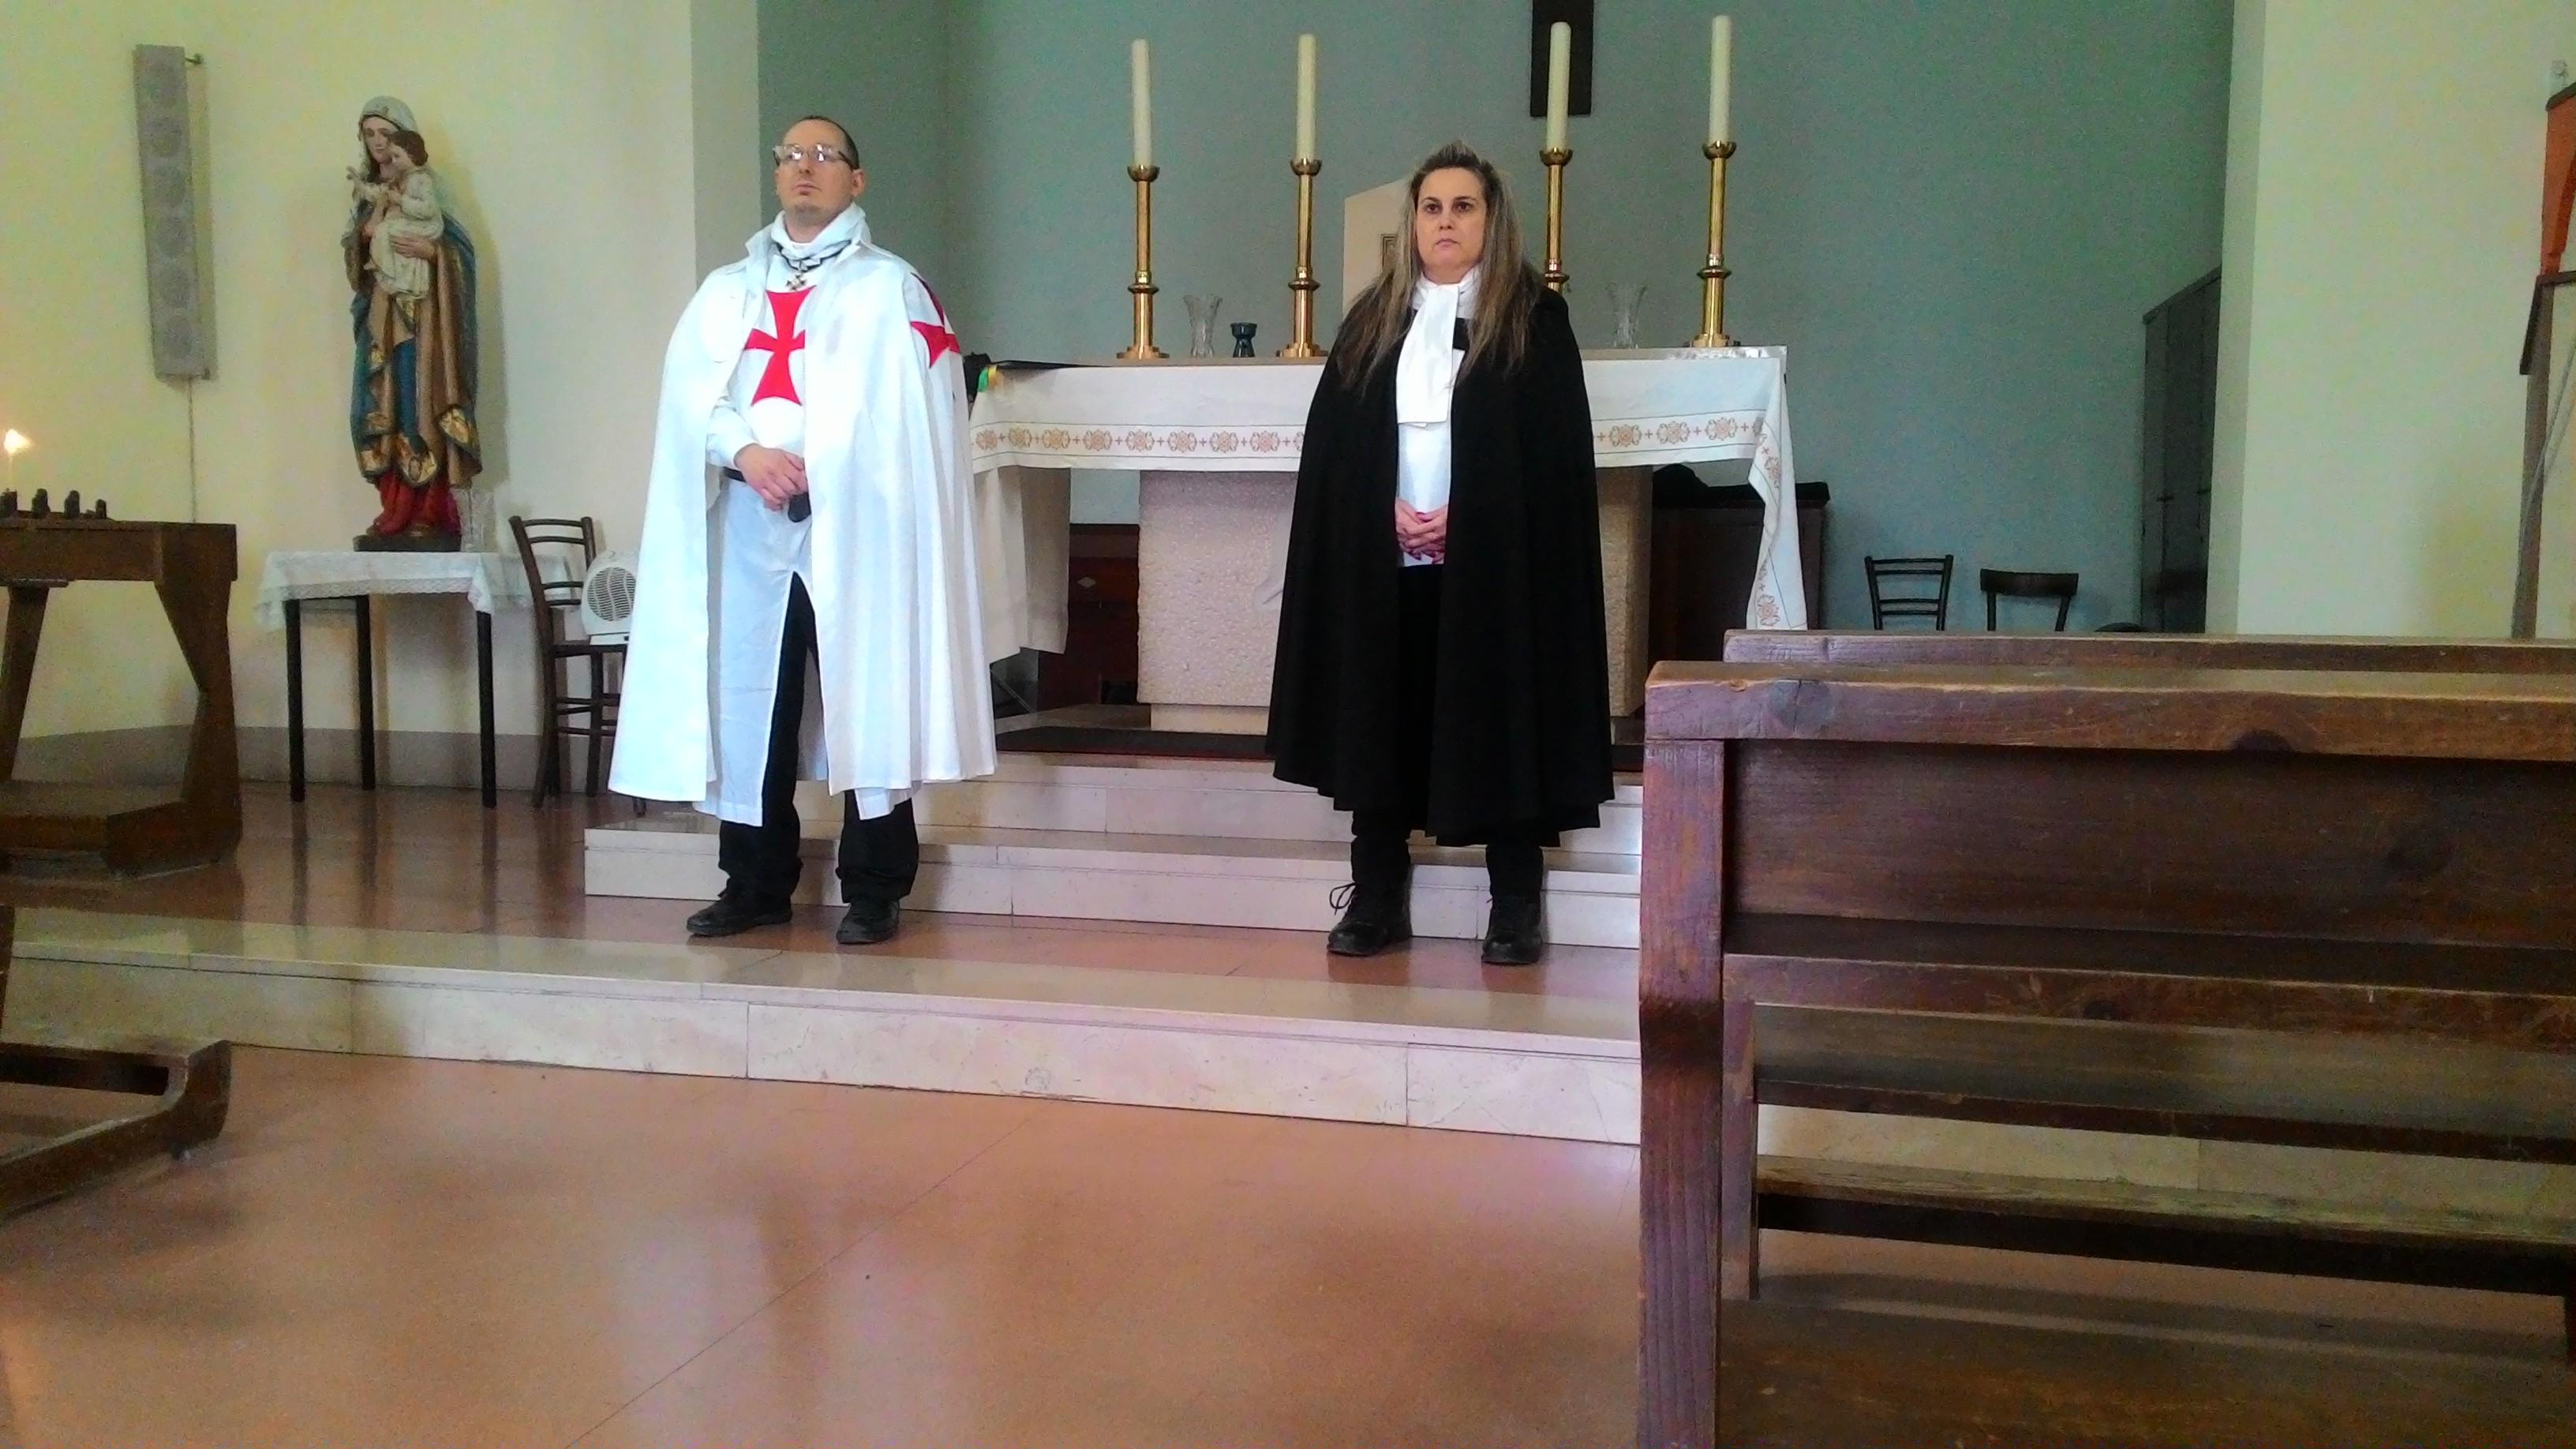 Apertura della Chiesa di San Giuseppe lavoratore a Ontraino (PI) 31 marzo 2019